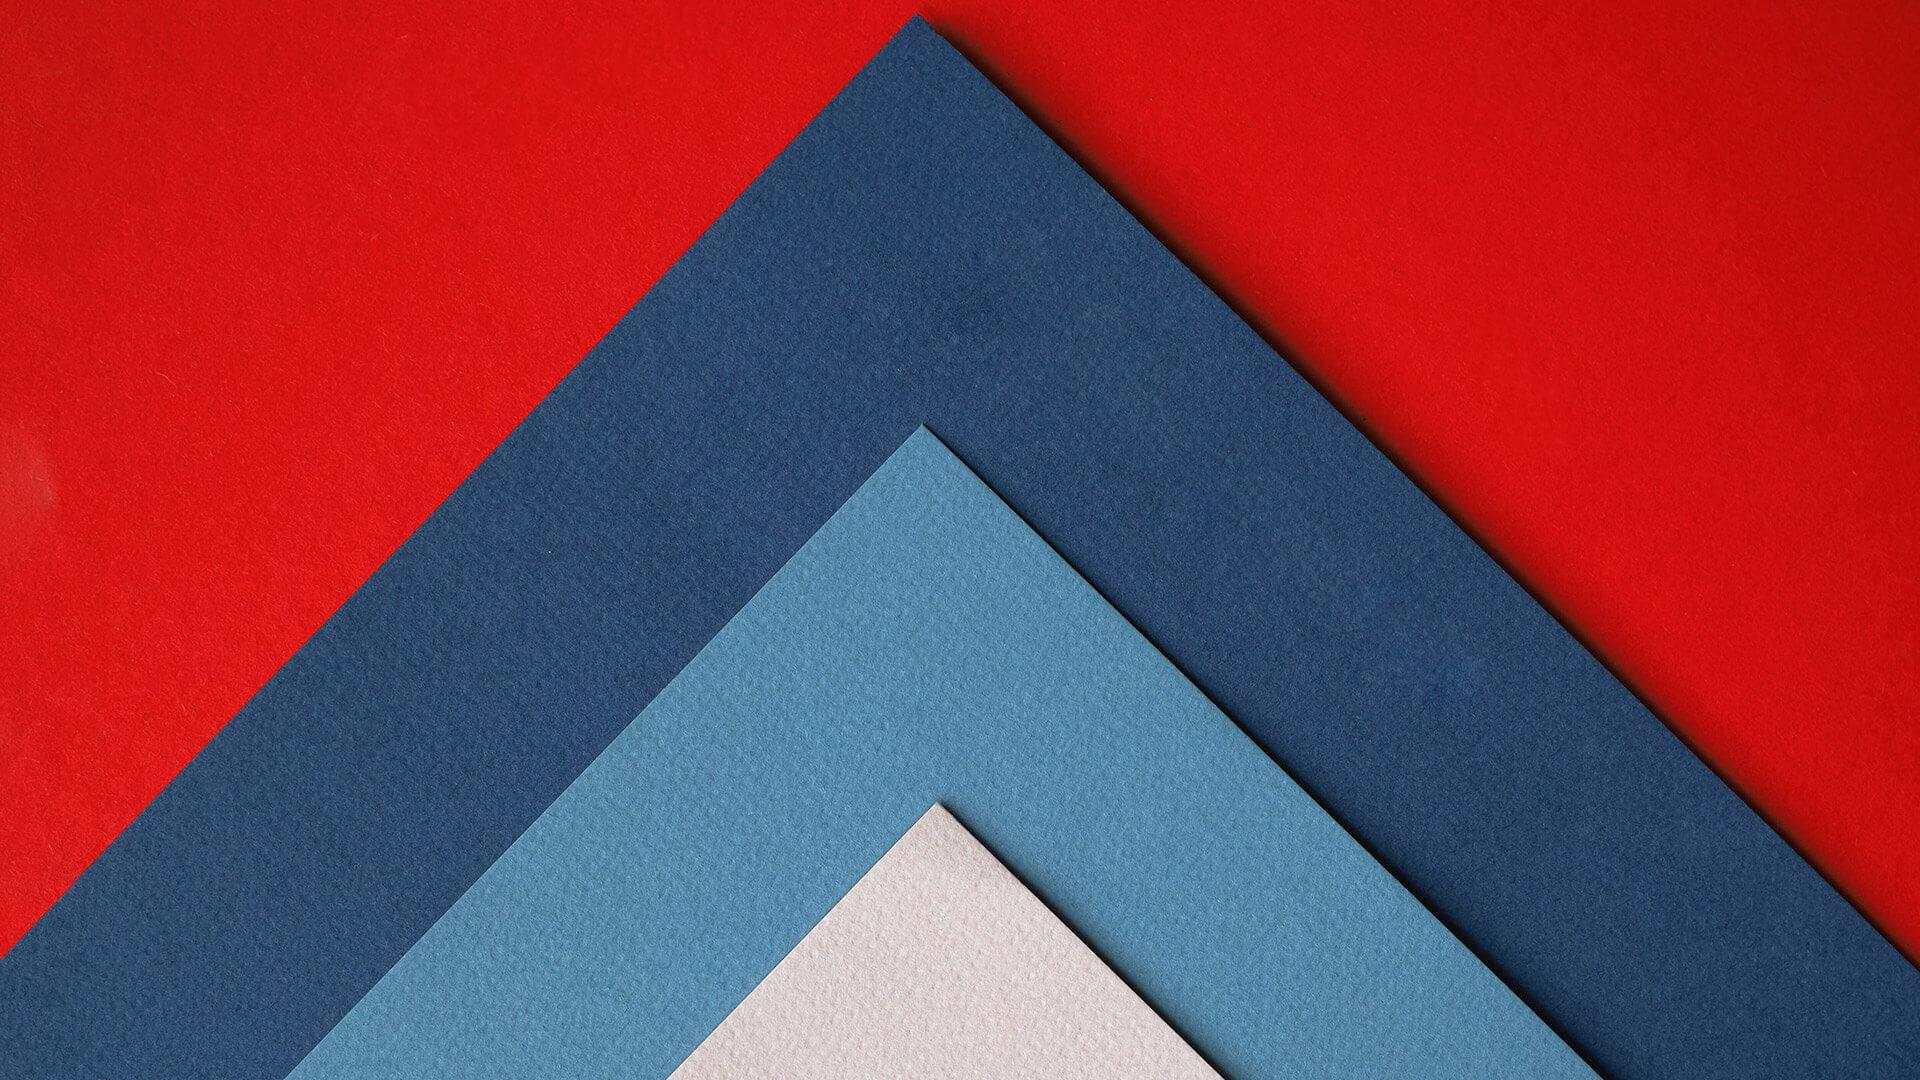 padrão com triangulos